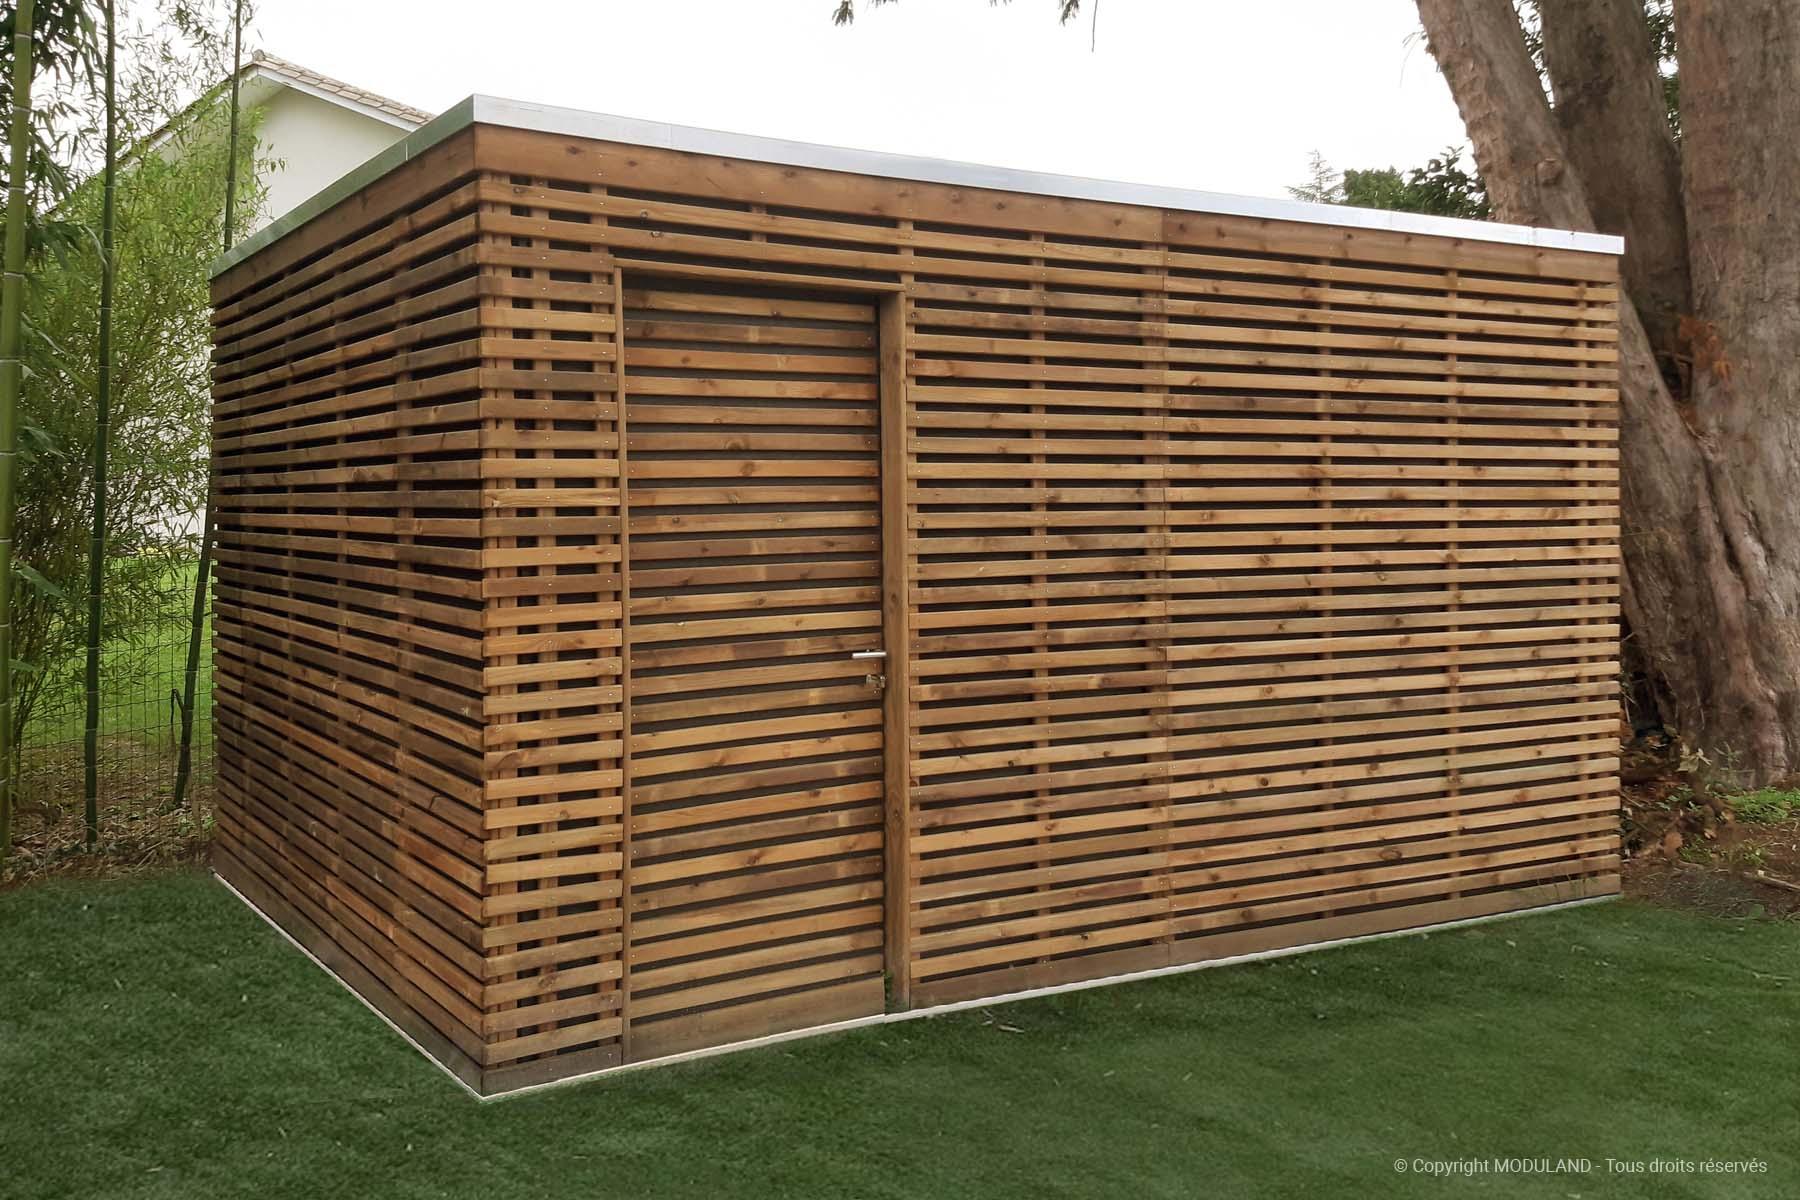 Fabricant D'abris Et Structures Bois Sur Mesure | Moduland pour Abri De Jardin Vannes